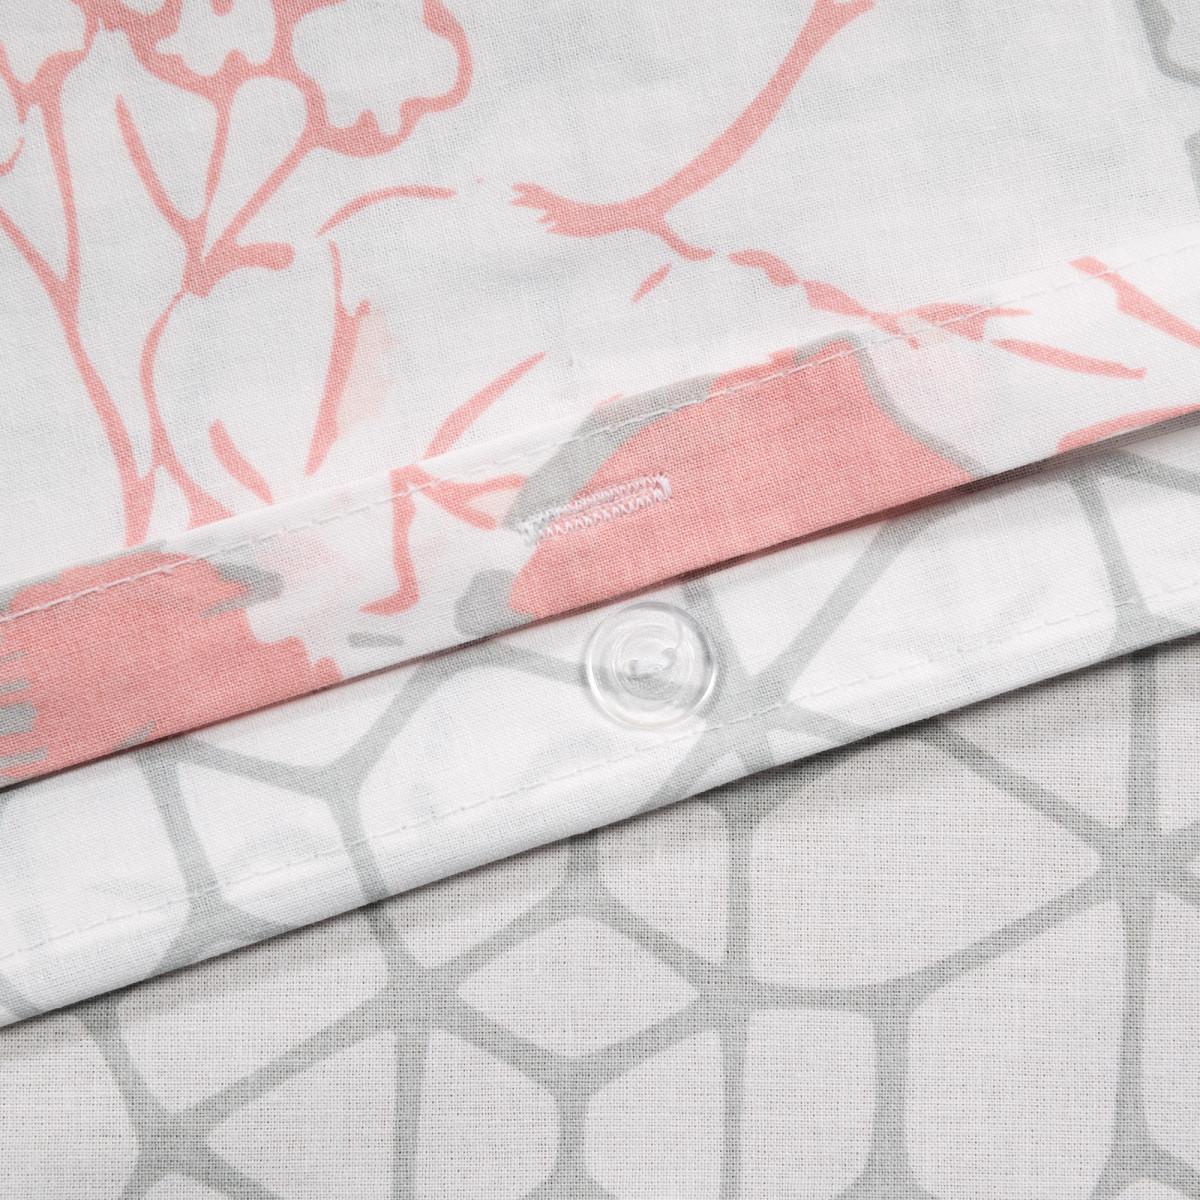 Комплект Постельного Белья Паутинка Двуспальный Поплин Цвет Розовый/Серый